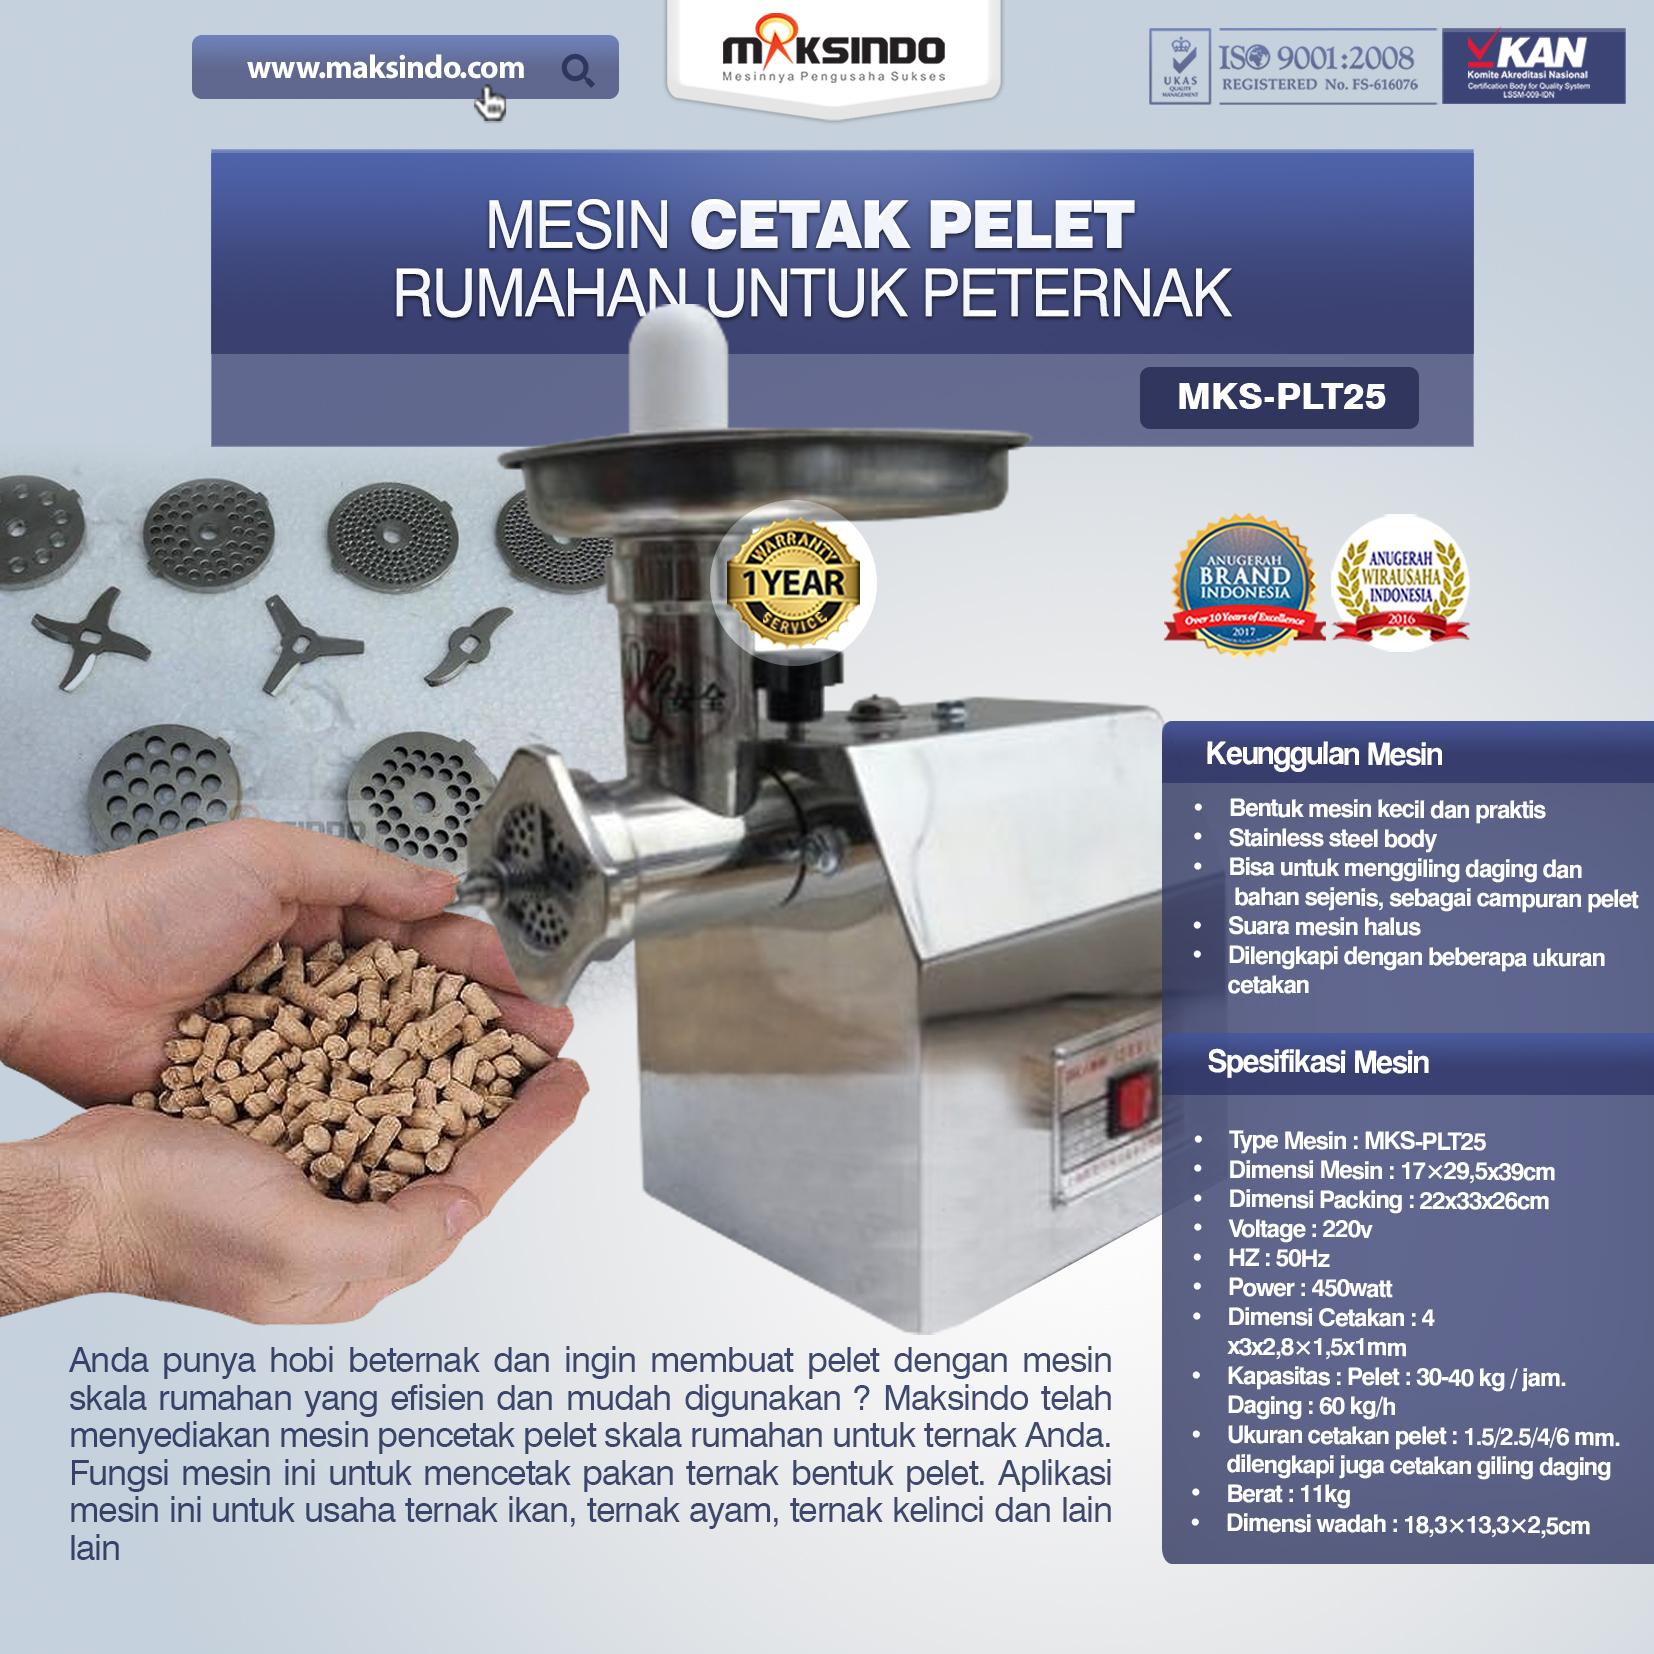 Mesin Cetak Pelet Rumahan Untuk Peternak MKS-PLT25